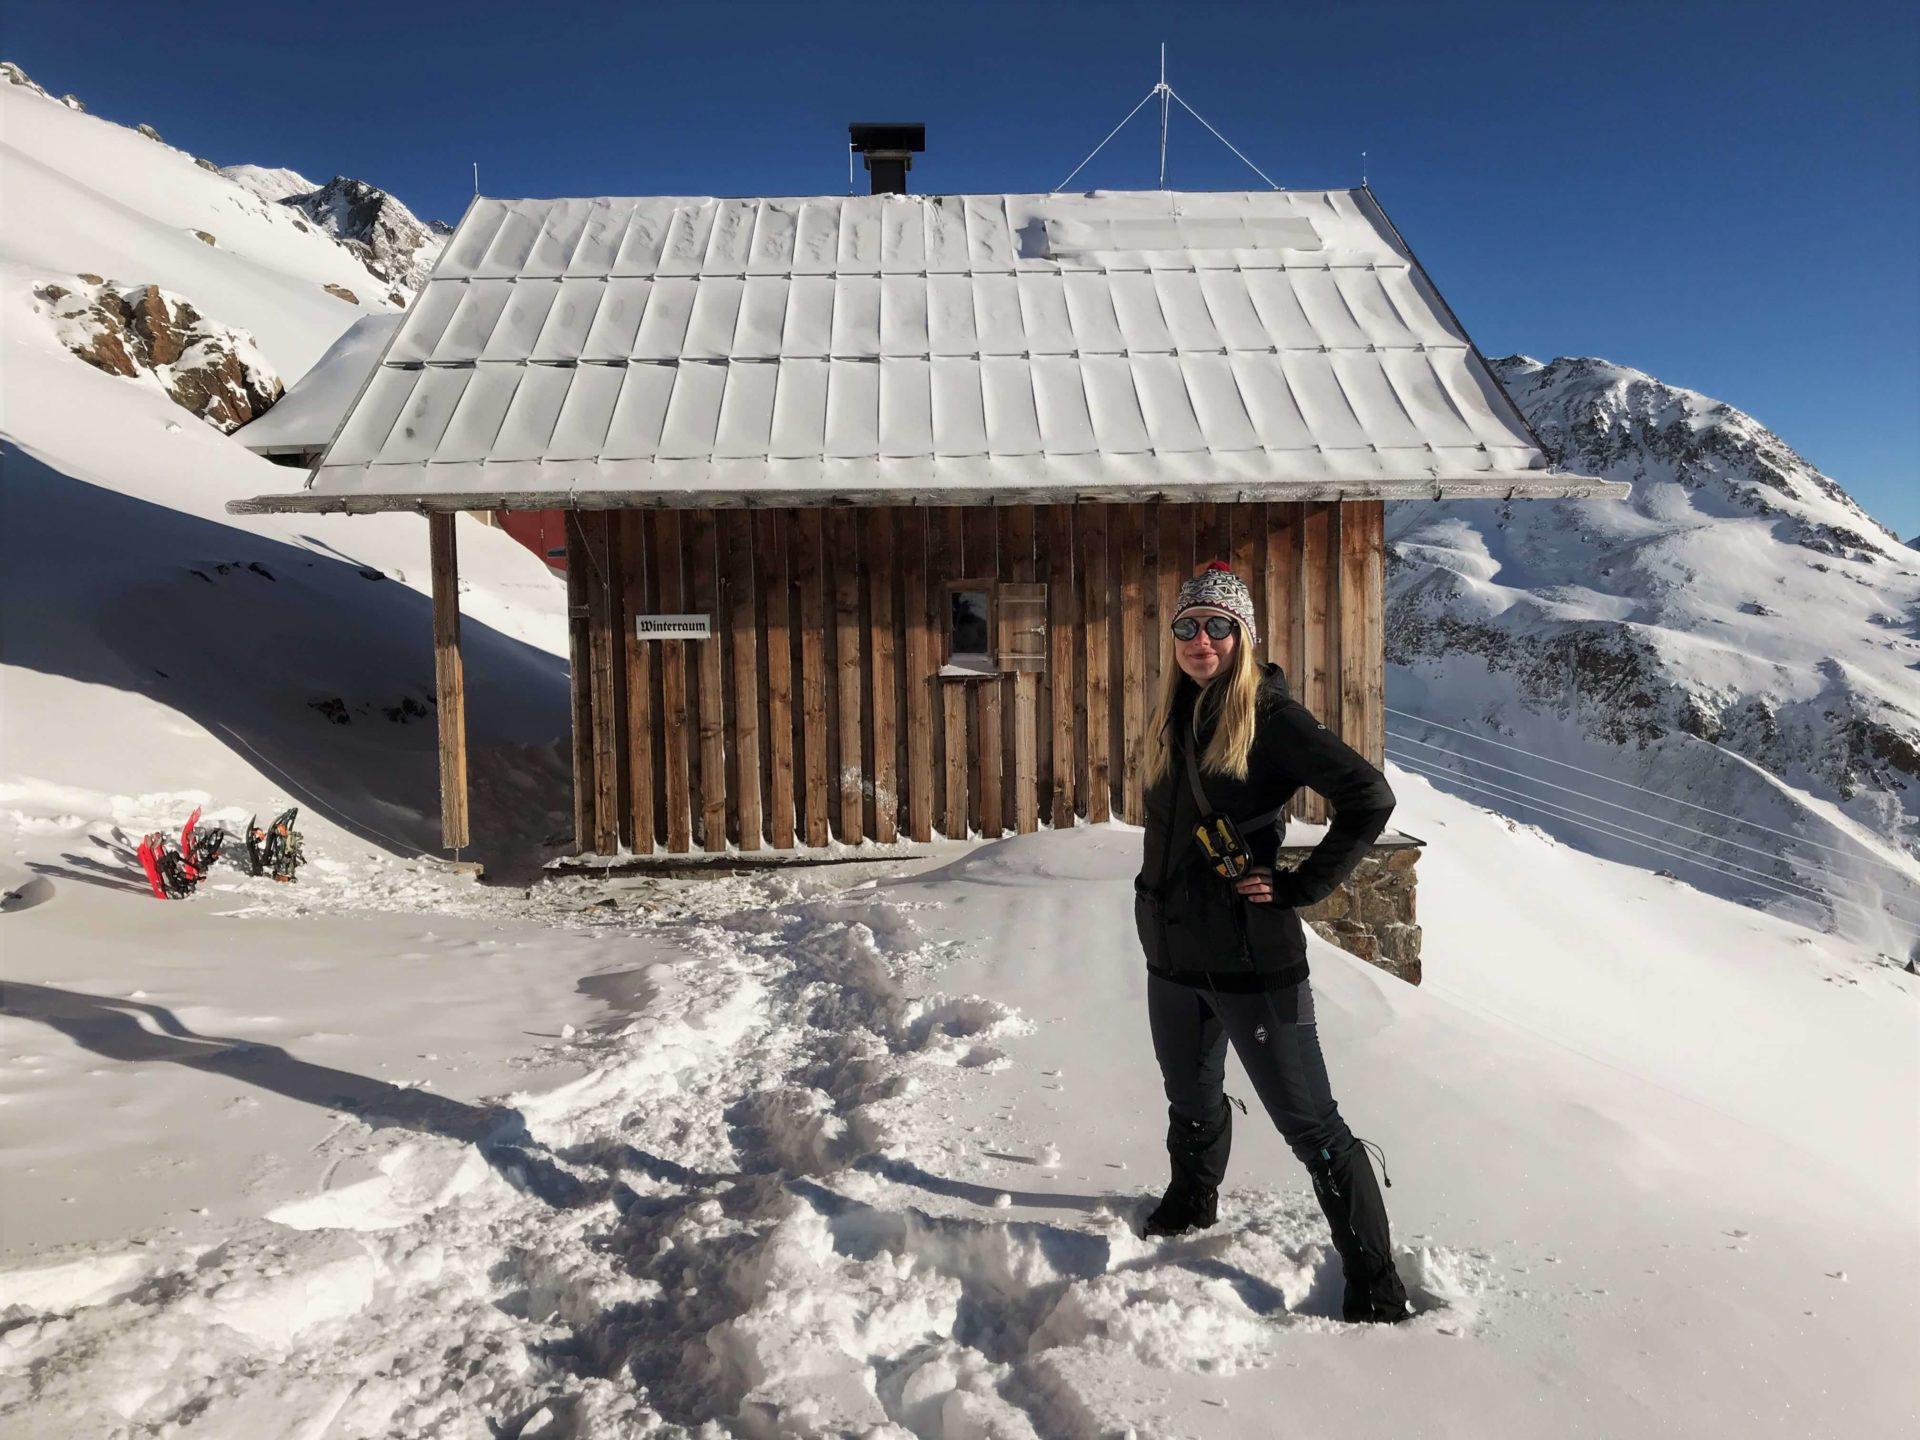 hory, alpy, sníh, zima, vysokohorská turistika, sněžnice, breslauer hutte, tyrolsko